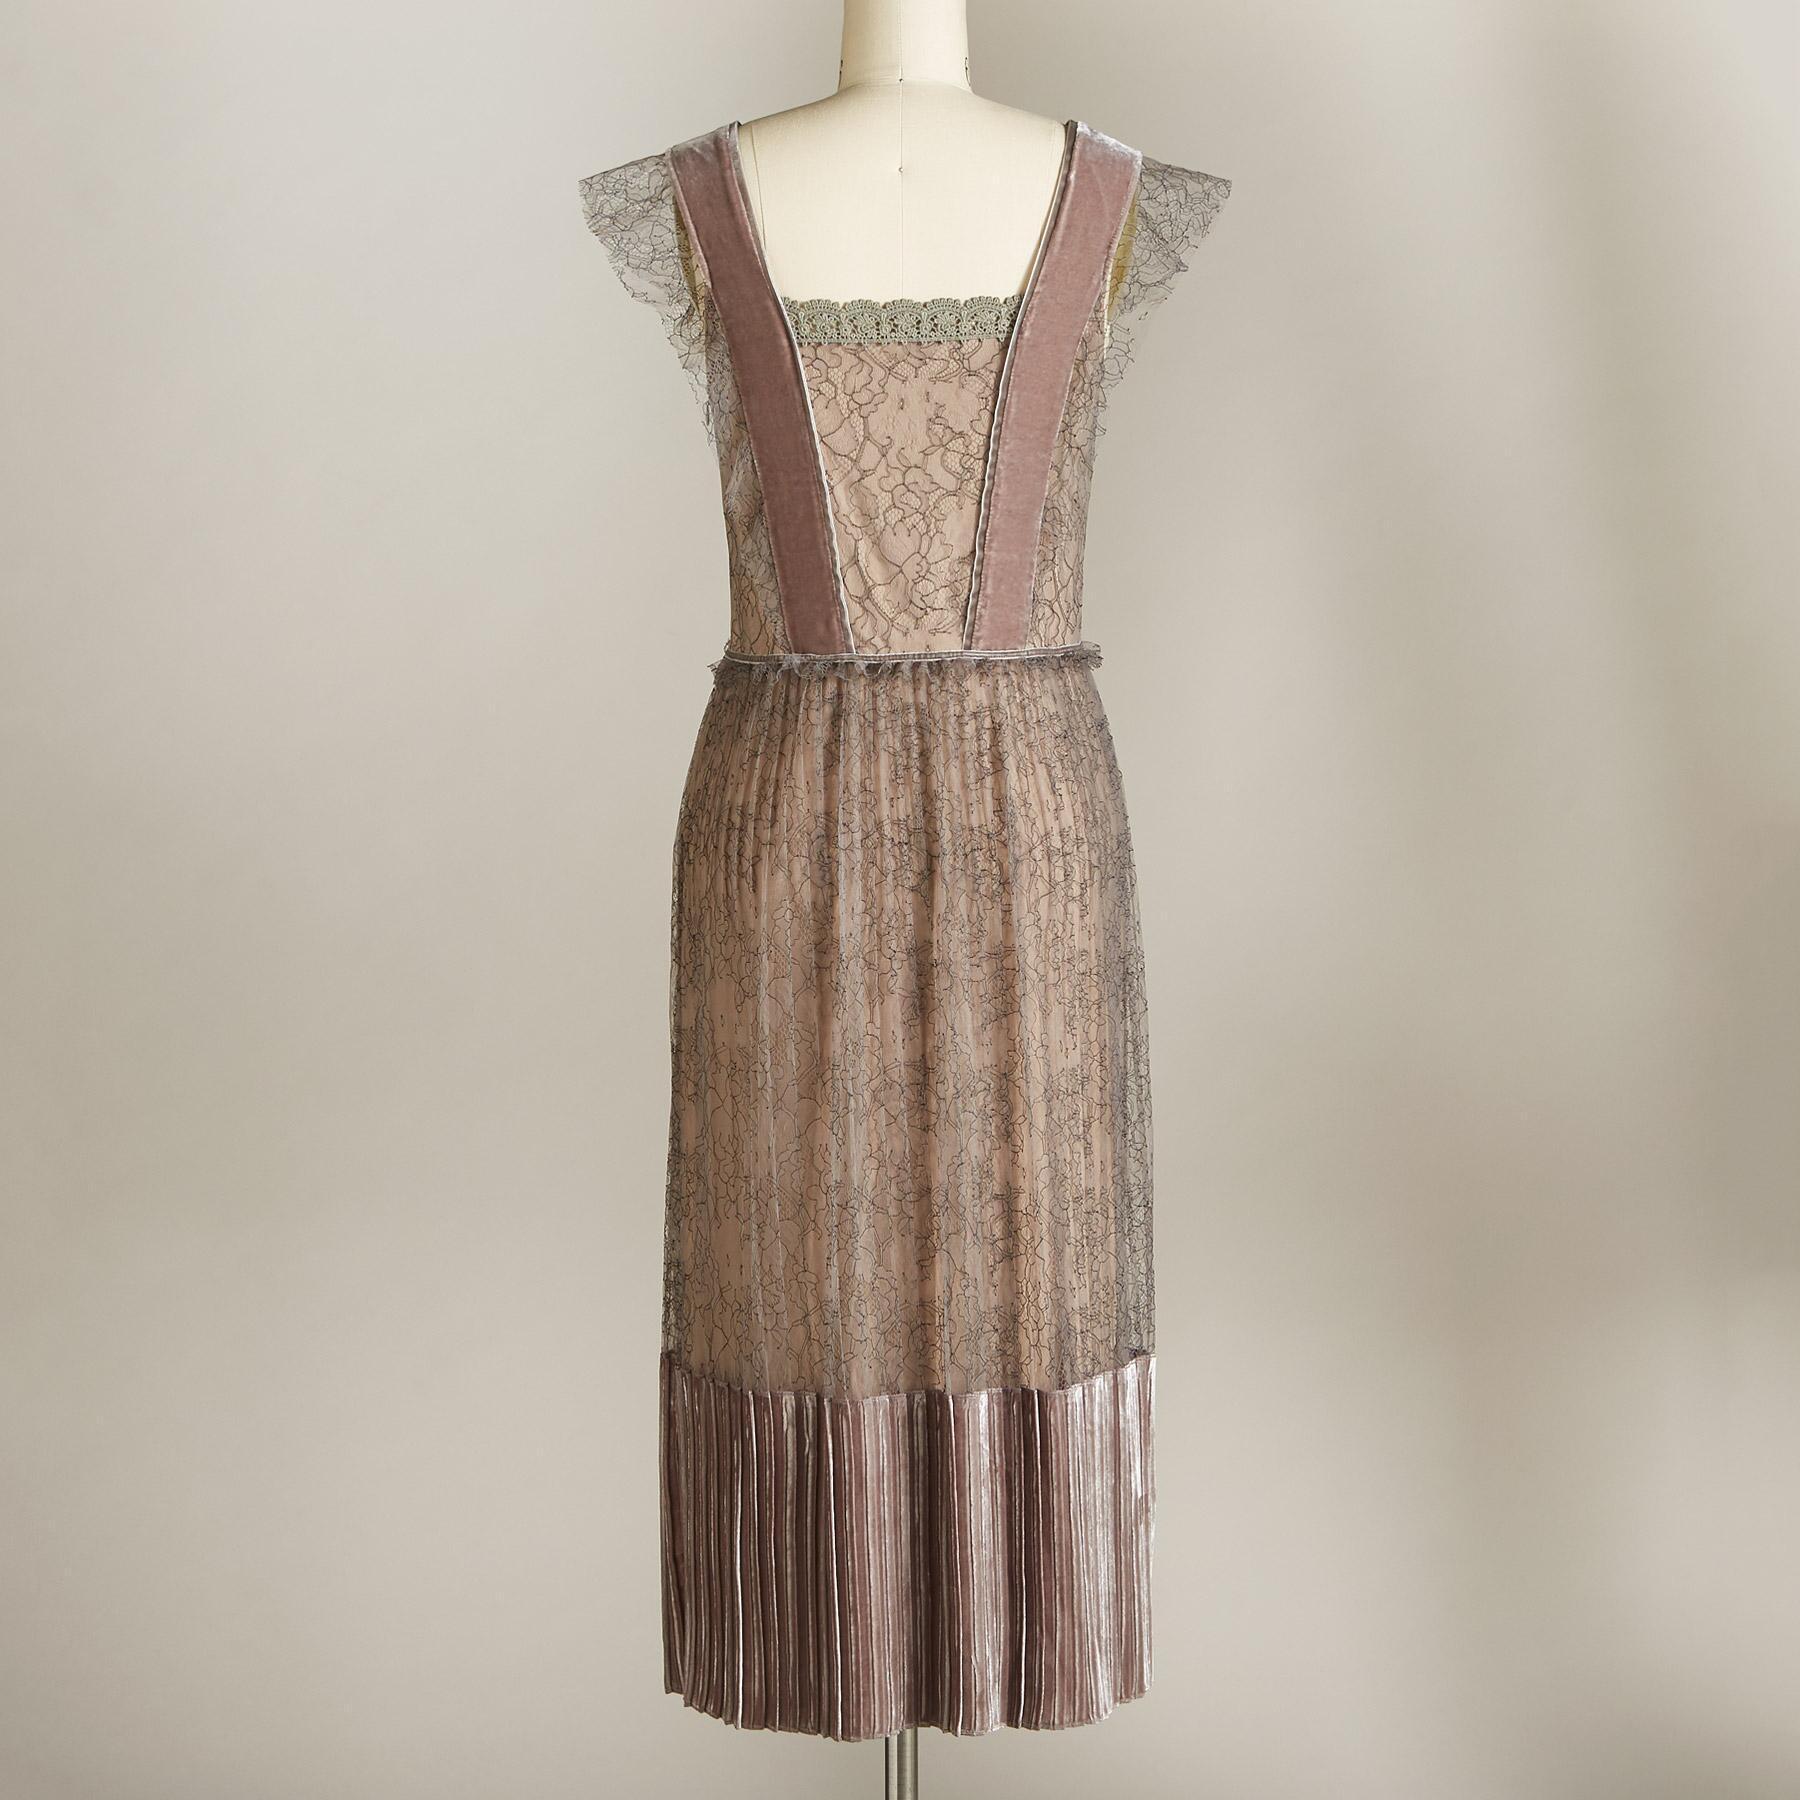 ELLINGTON DRESS - PETITES: View 2